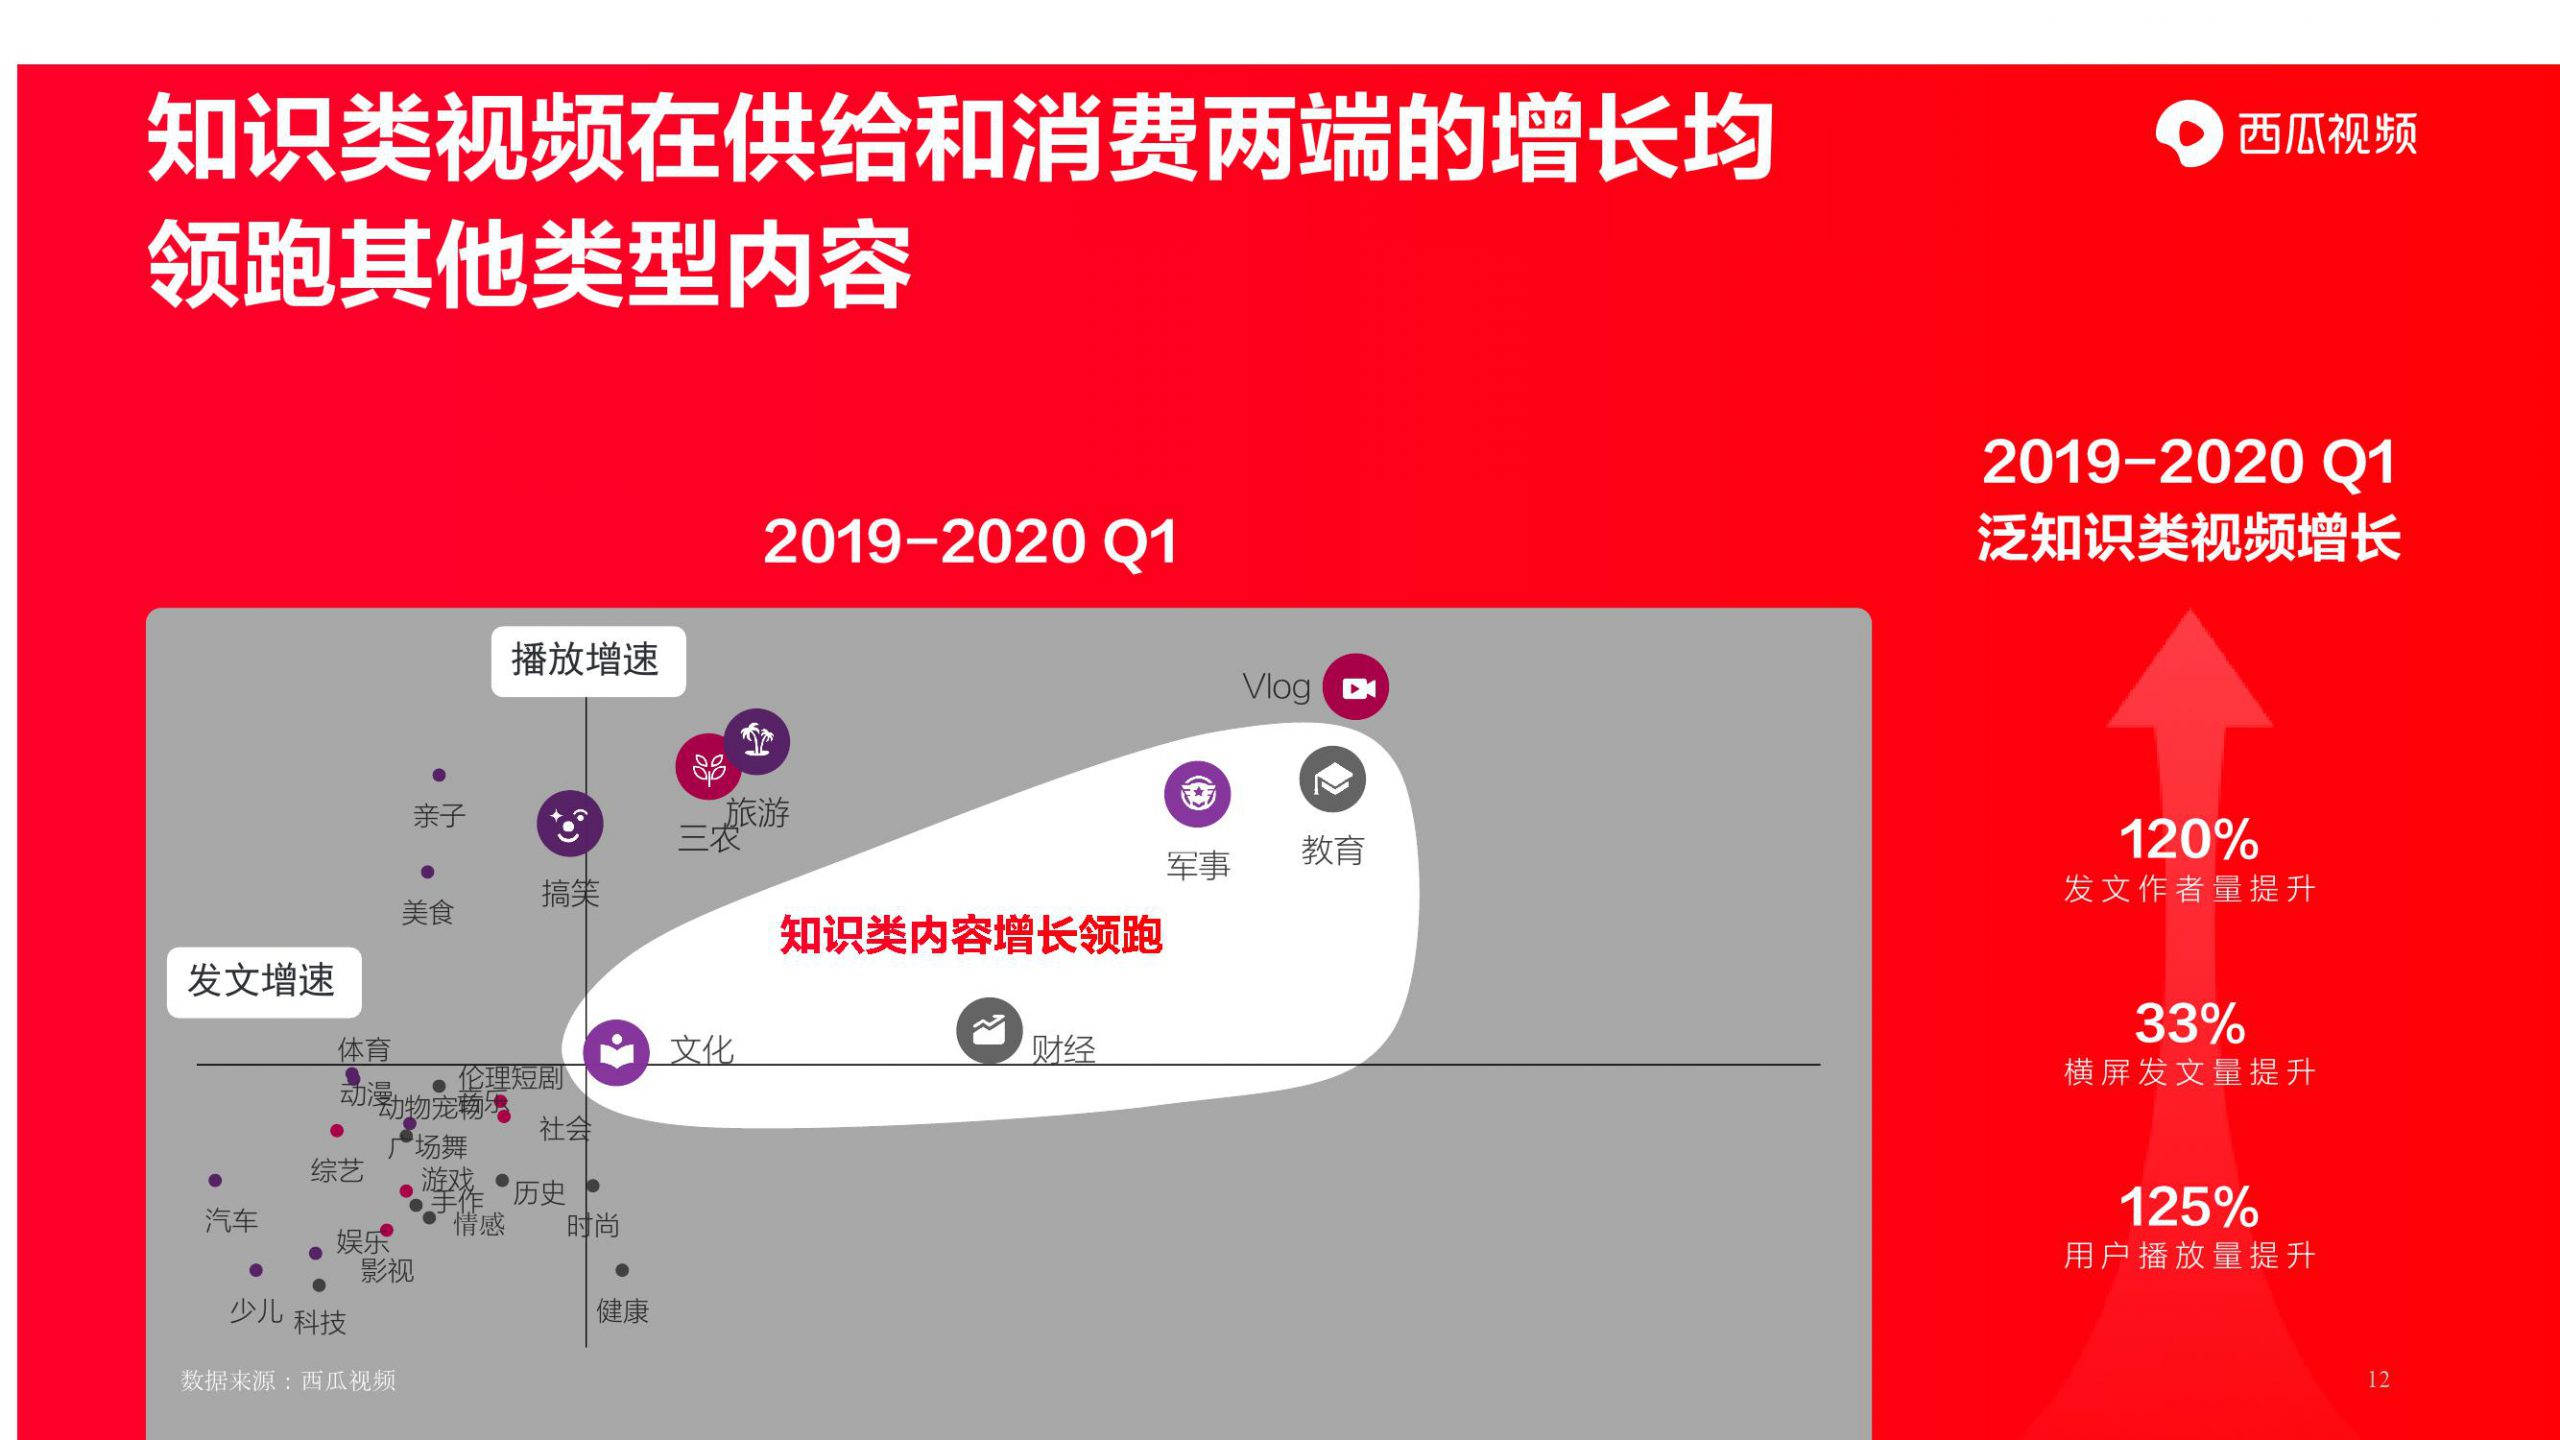 大数据研究报告,2020图文作者跨体载趋势报告(西瓜视频)!